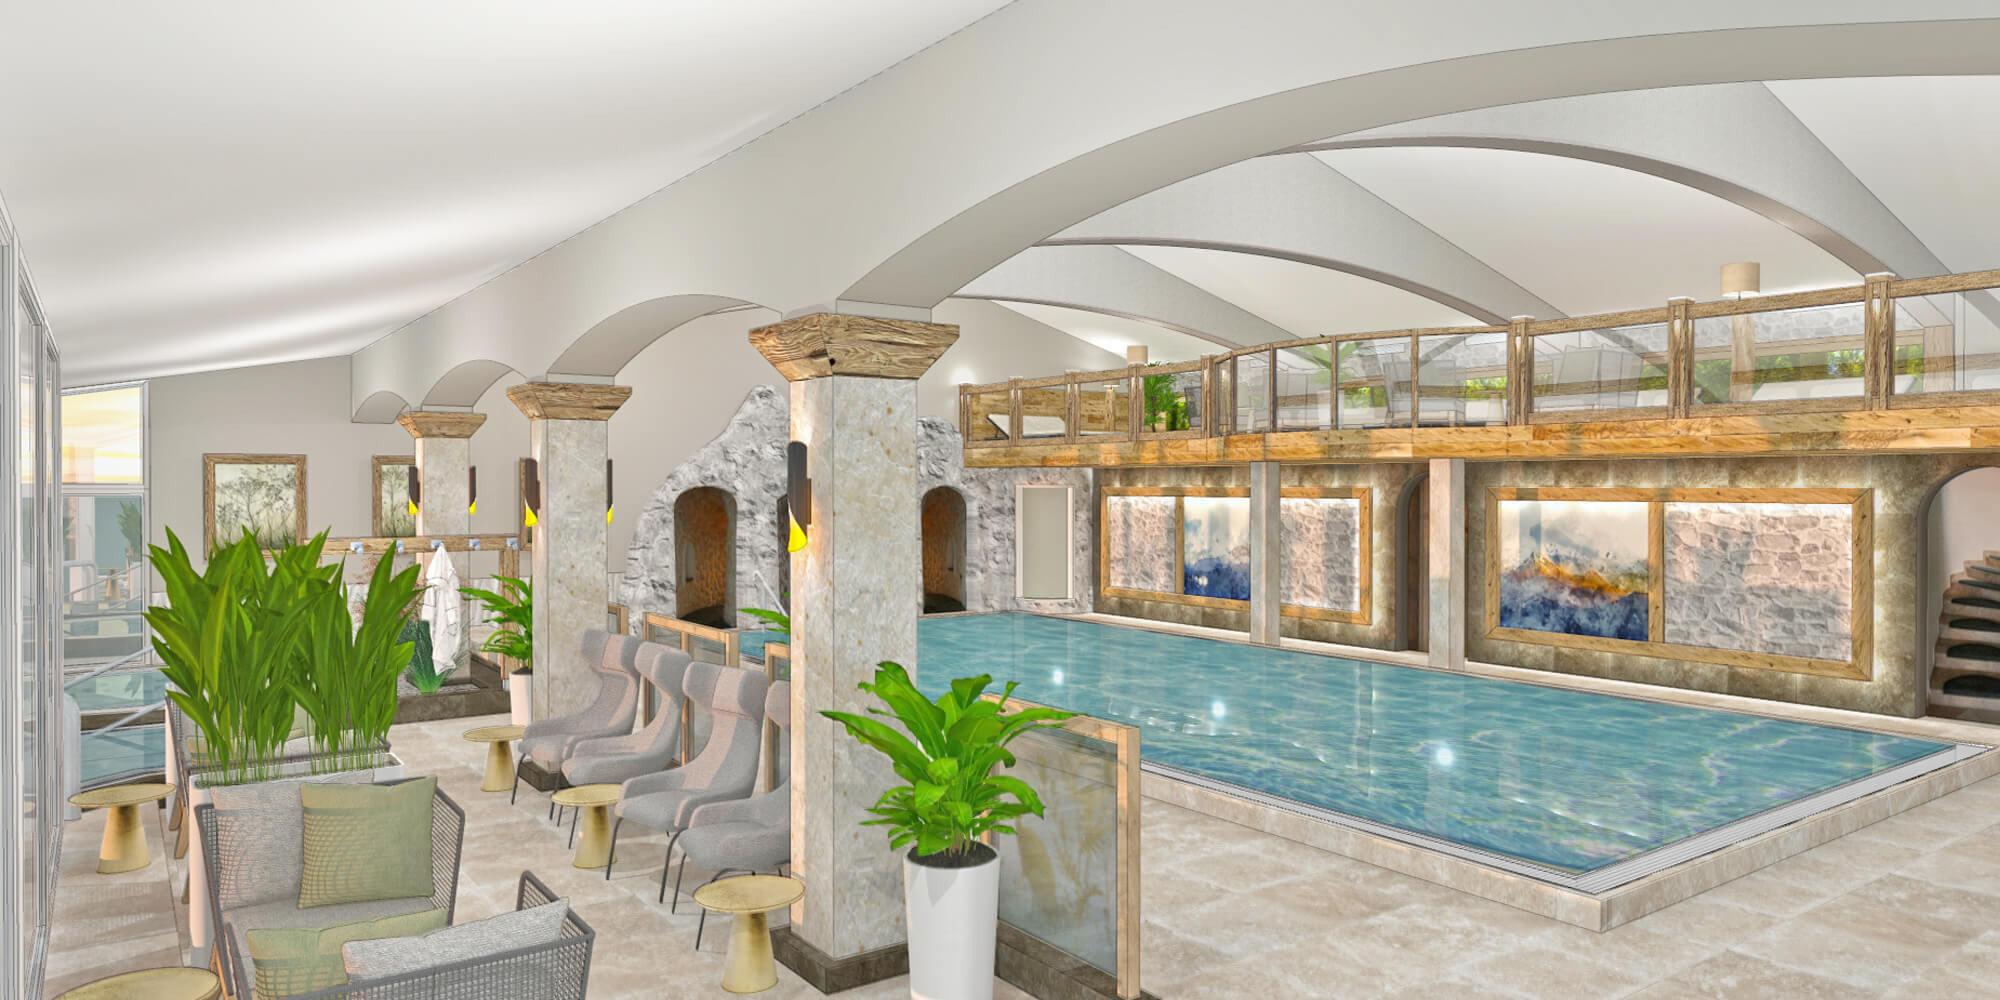 Crea-Plan-Design-Rauch-Frühmann-Architektur-Innenarchitektur-Design-Projekt-Referenz-Hotelerie-Gastronomie-Hotel-Bergknappenhof-Hallenbad-3